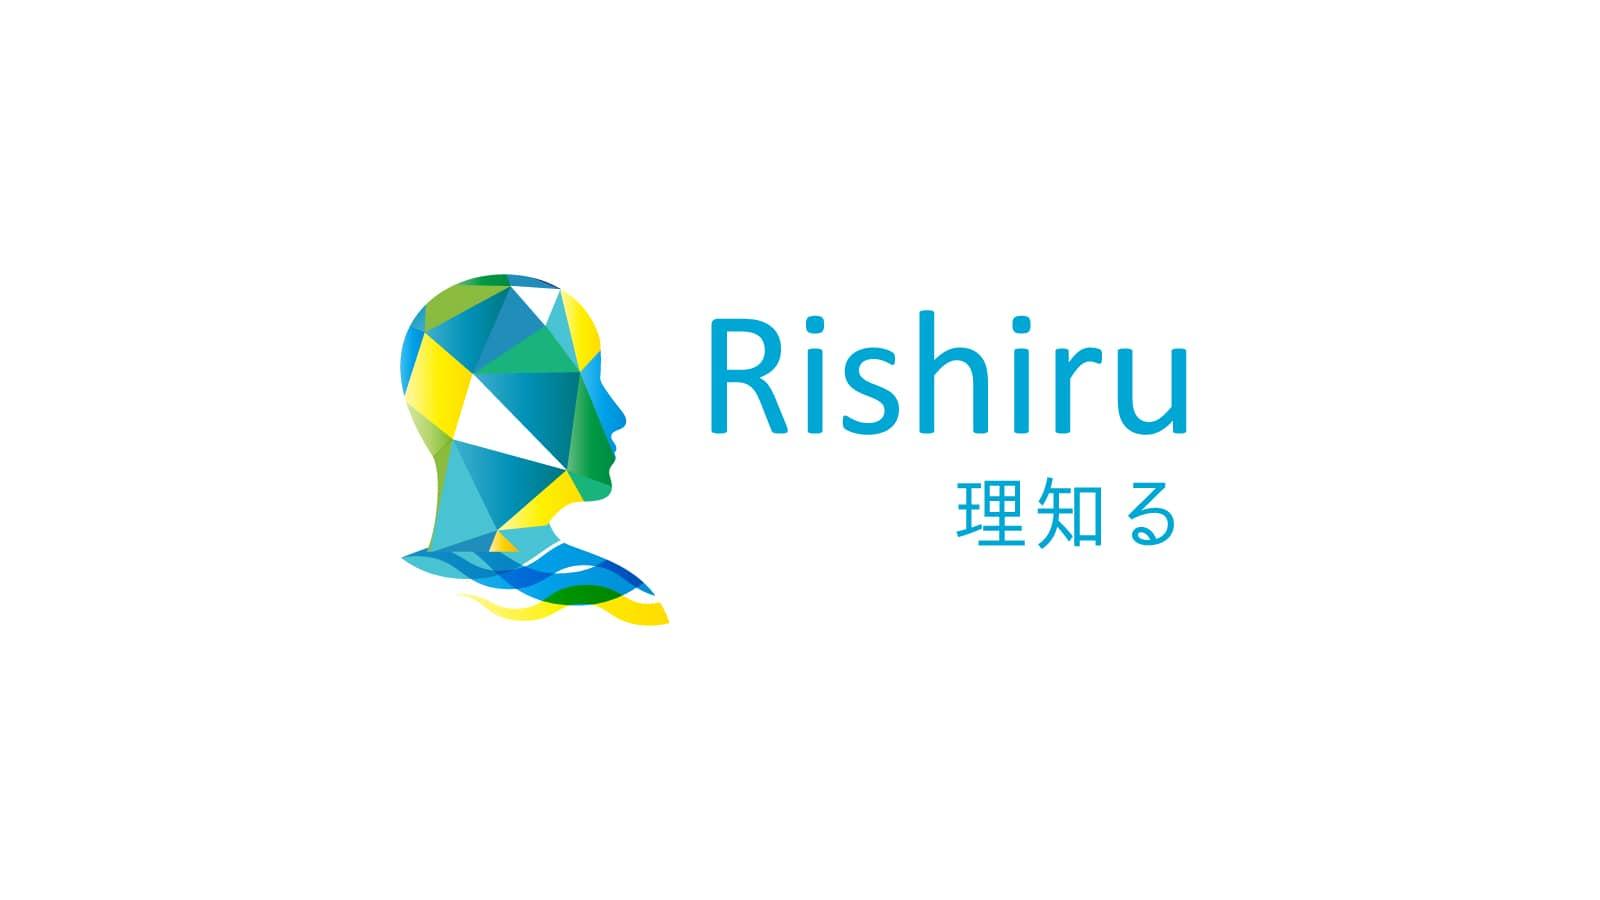 オウンドメディア「Rishiru 理知る」リリースのお知らせ